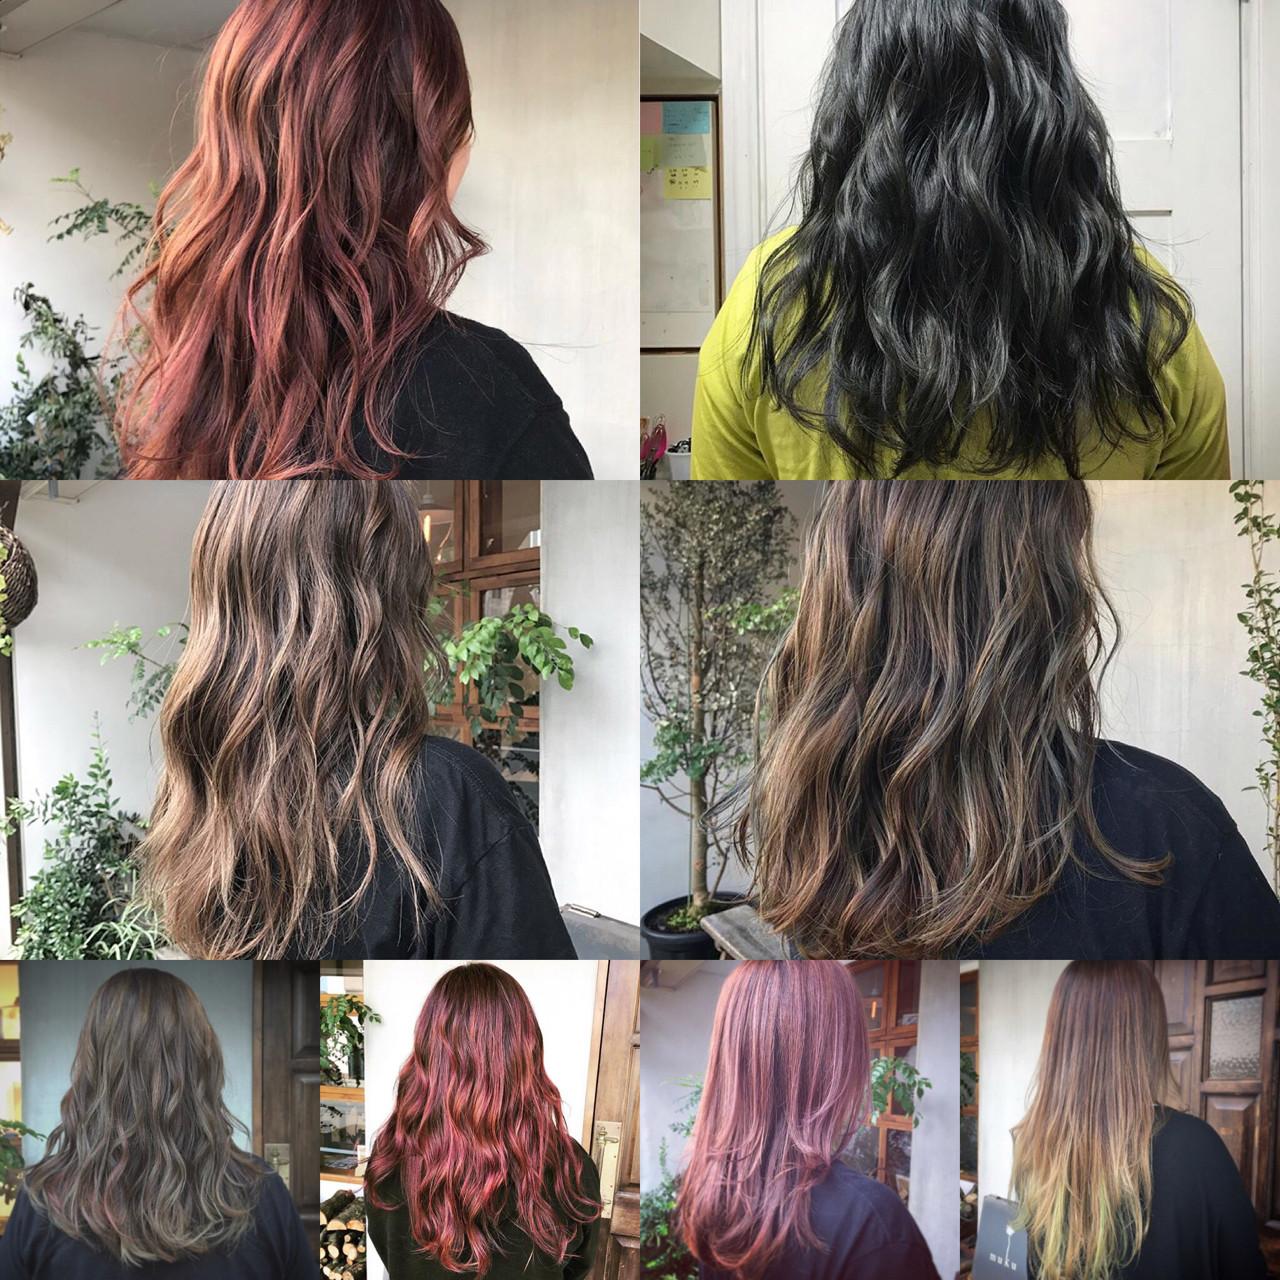 グラデーションカラー 外国人風 外国人風カラー ハイライト ヘアスタイルや髪型の写真・画像